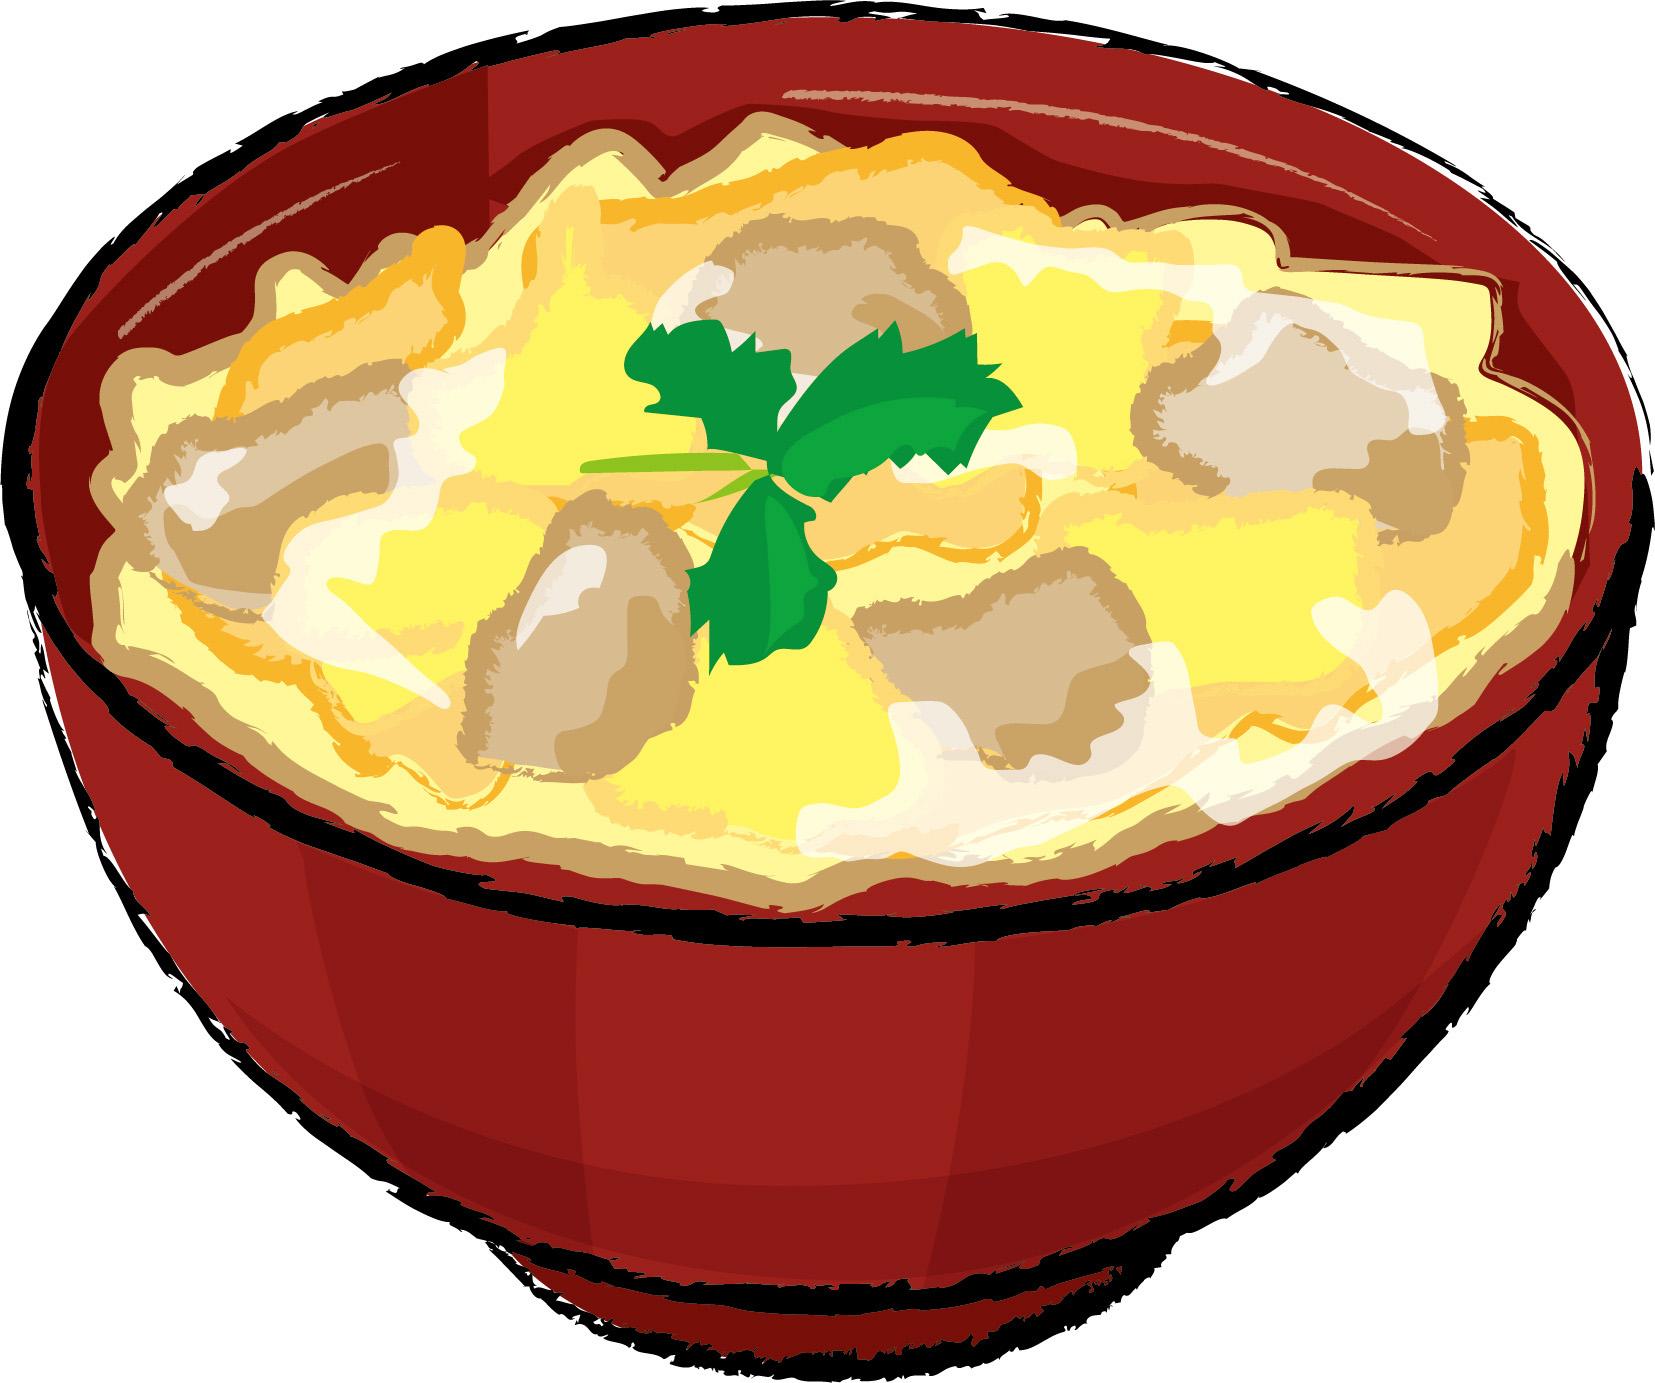 親子丼(安い、美味い、栄養満点、低カロリー)←こいつが丼物業界で天下とれない理由